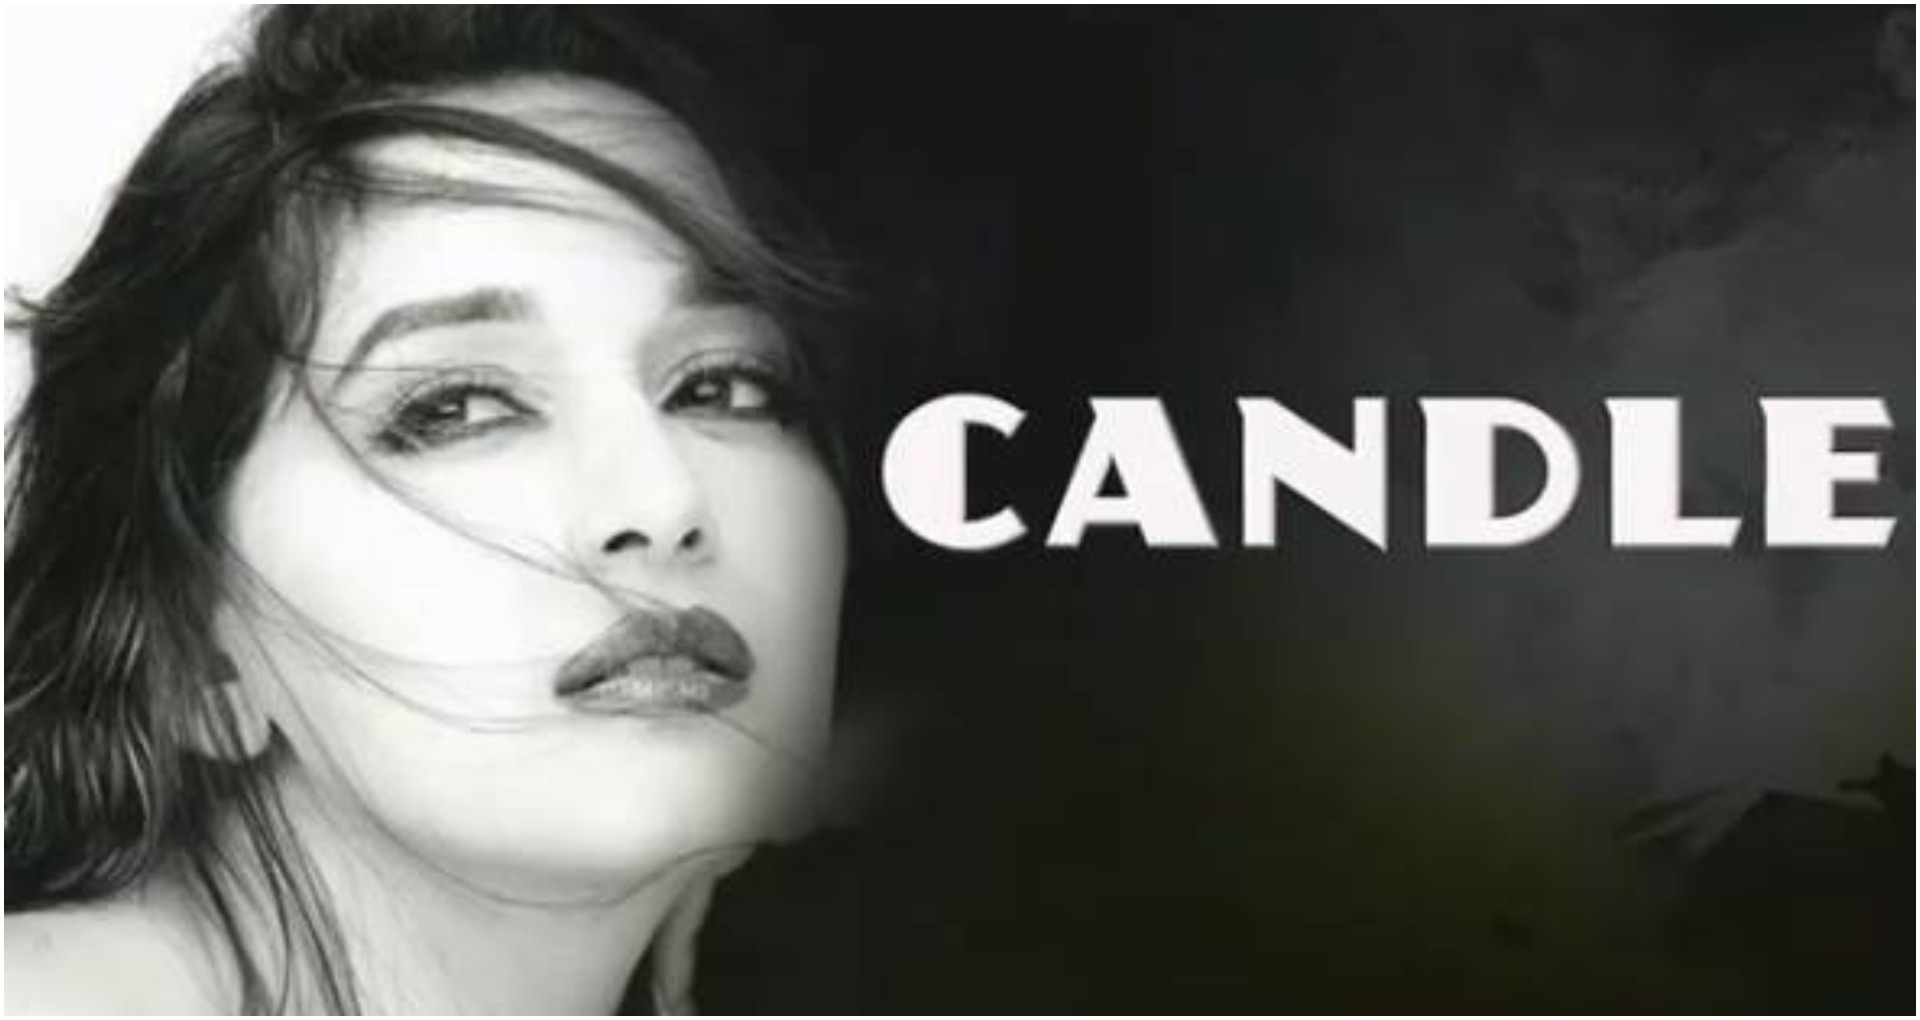 Candle Song: माधुरी दीक्षित का गाना 'कैंडल' हुआ रिलीज़, बॉलीवुड सिलेब्स ने जमकर की तारीफ़